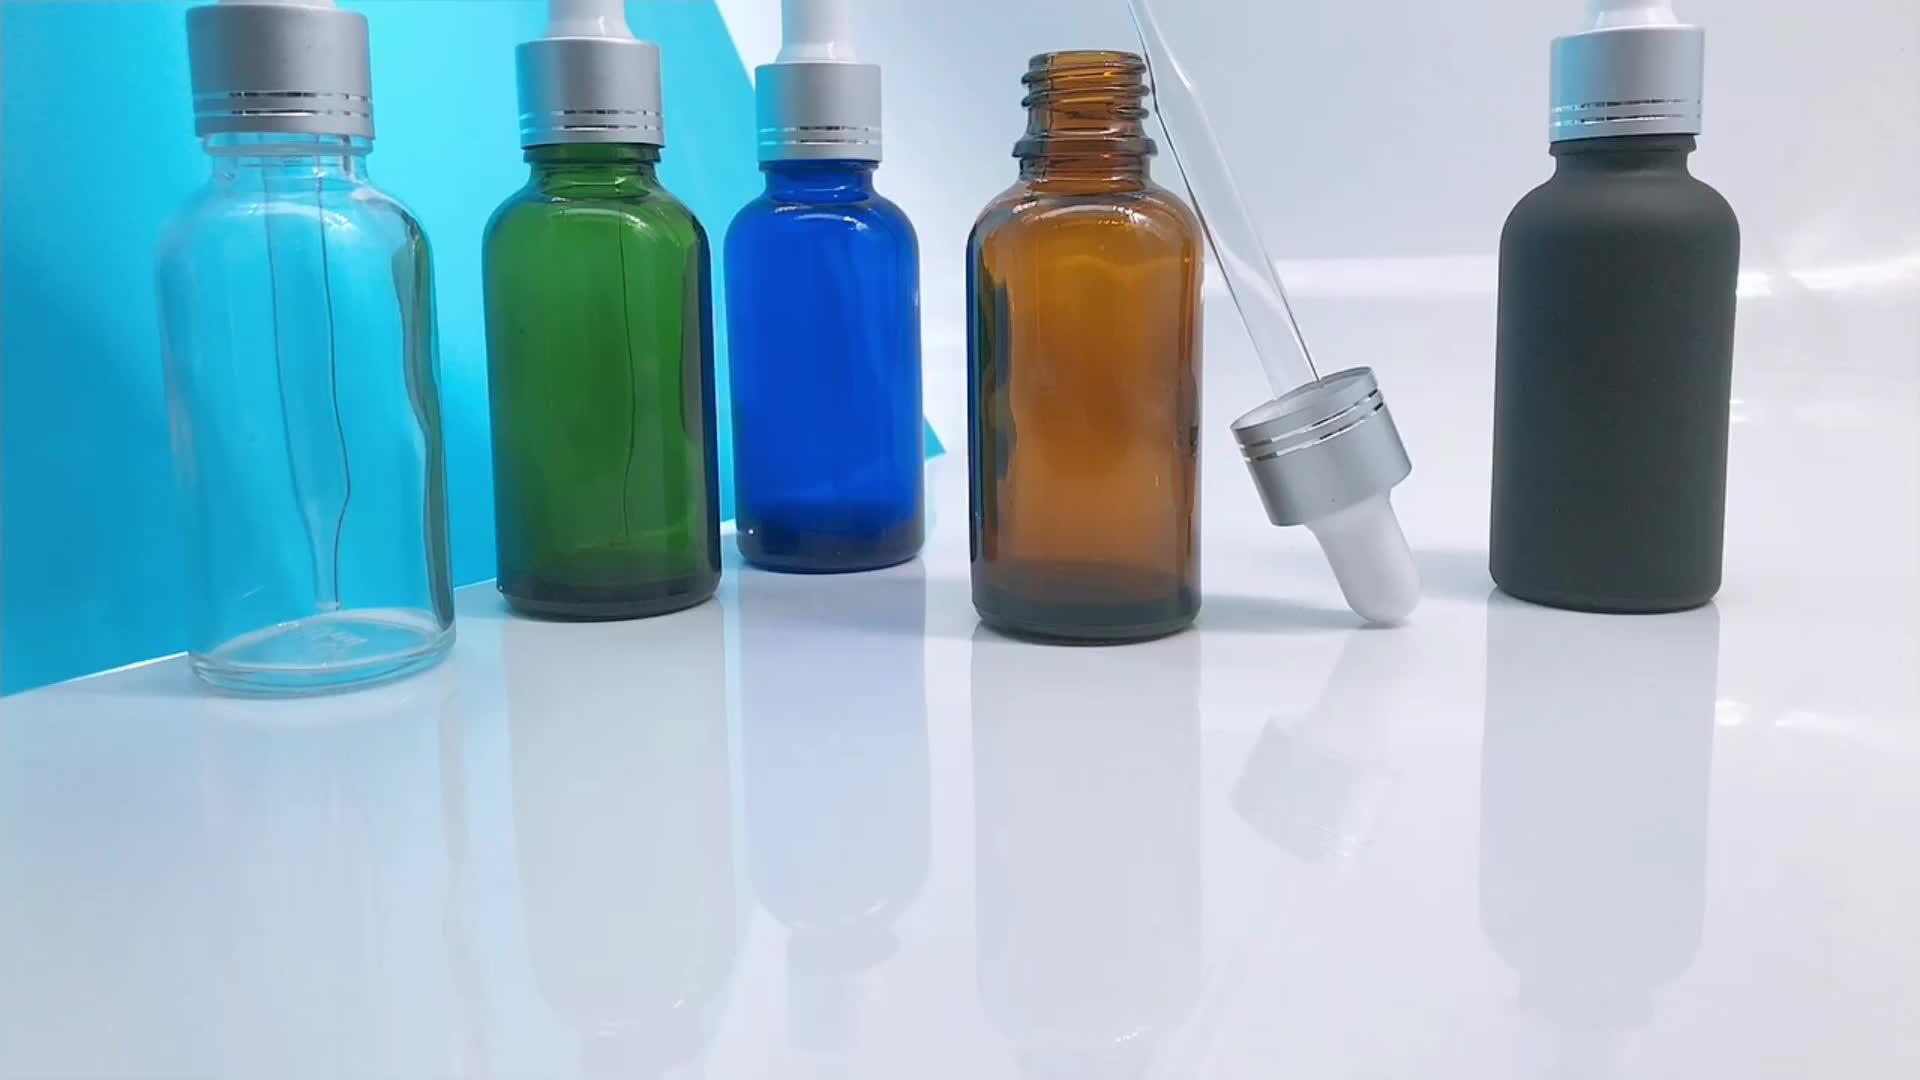 Auf Lager, grün bernstein blau klar 30ML glas dropper flasche mit box kosmetik parfüm ätherisches öl flaschen